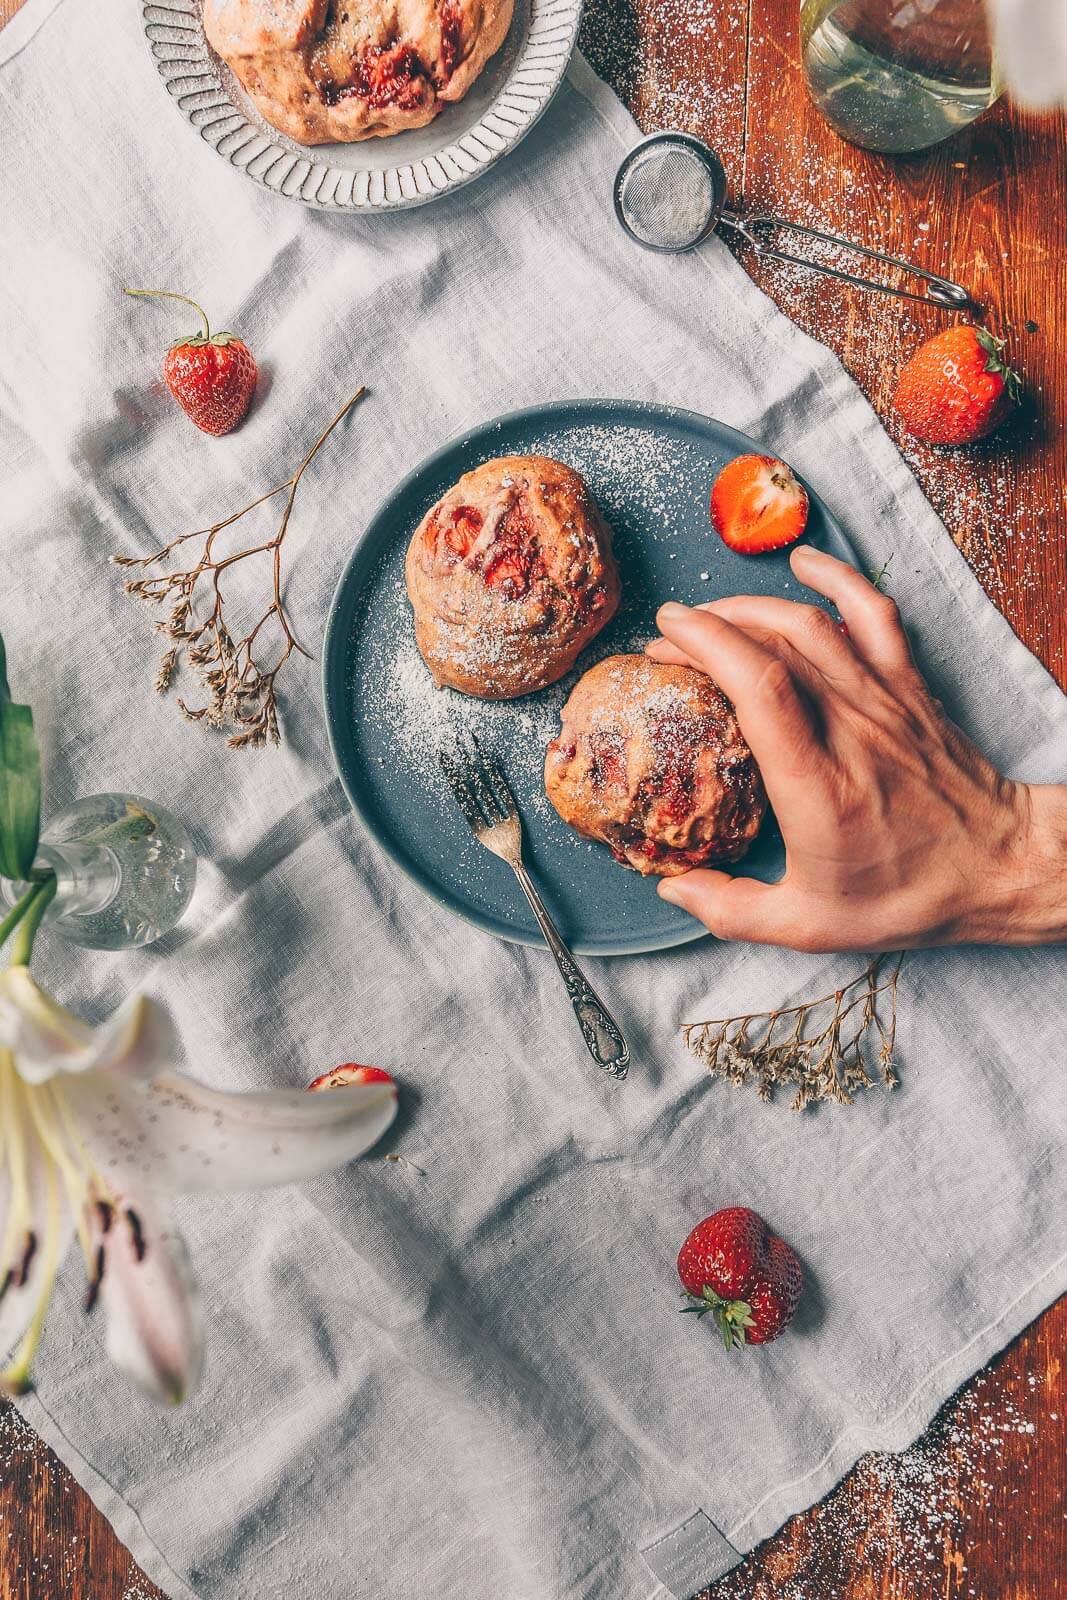 Erdbeer-Vanille-Buns, Erdbeer Brötchen, Brötchen Früchte, Brötchen vegan, vegane Rezepte, vegan Rezept Frühstück, Vanille Rezept vegan, Sommer Brötchen vegan Rezept